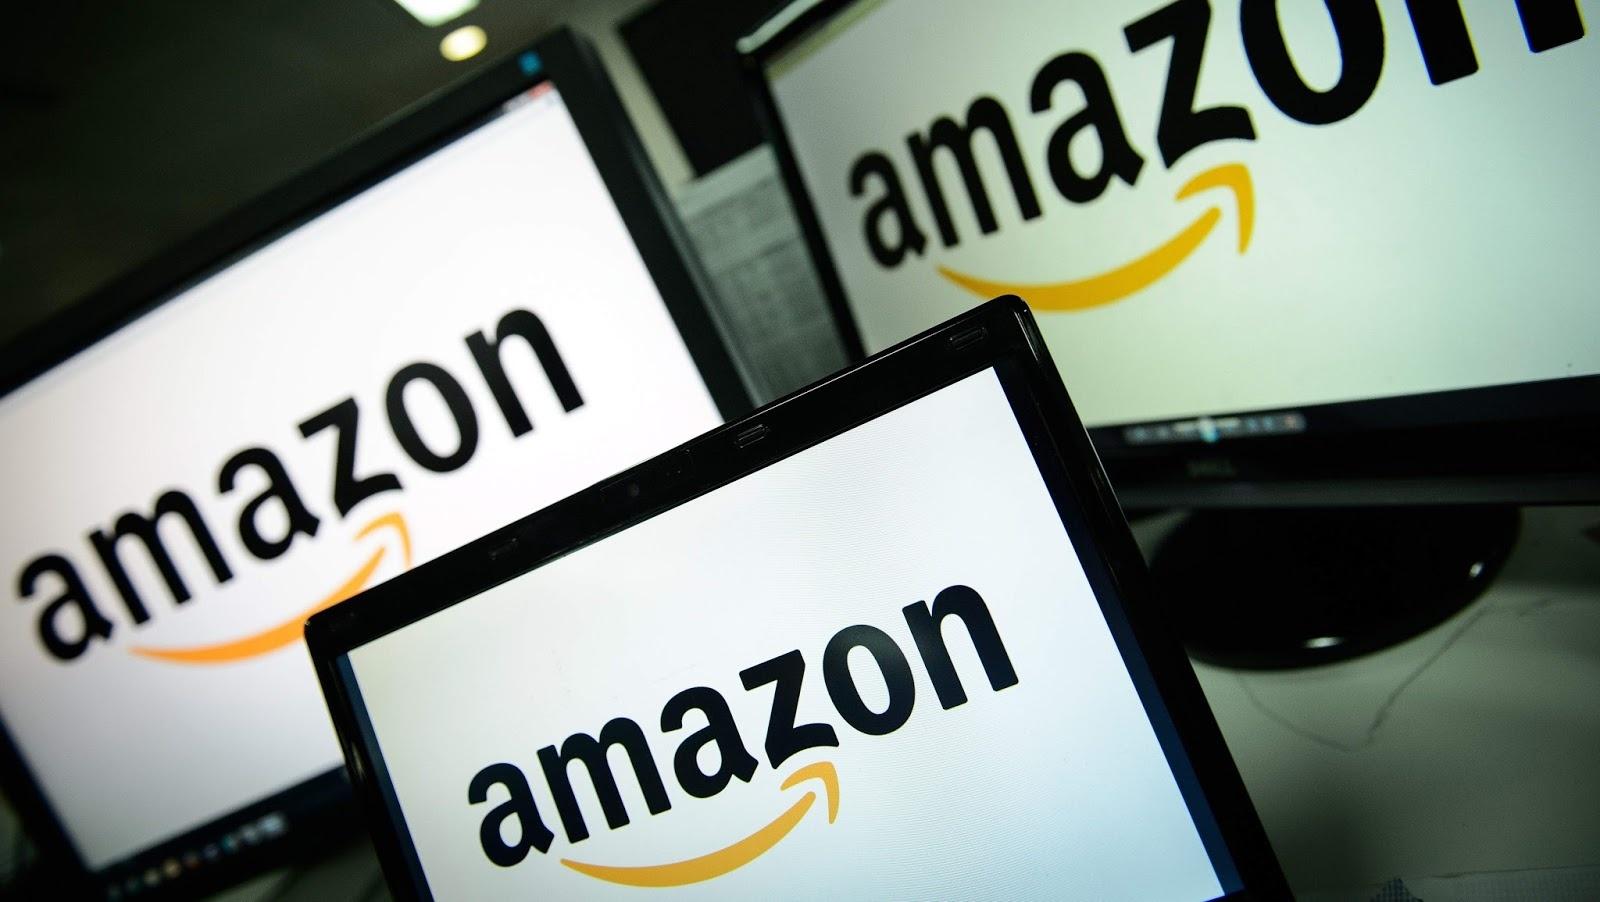 Джефф Безос стал самым богатым человеком планеты. Почему Amazon «съест весь мир» - 2